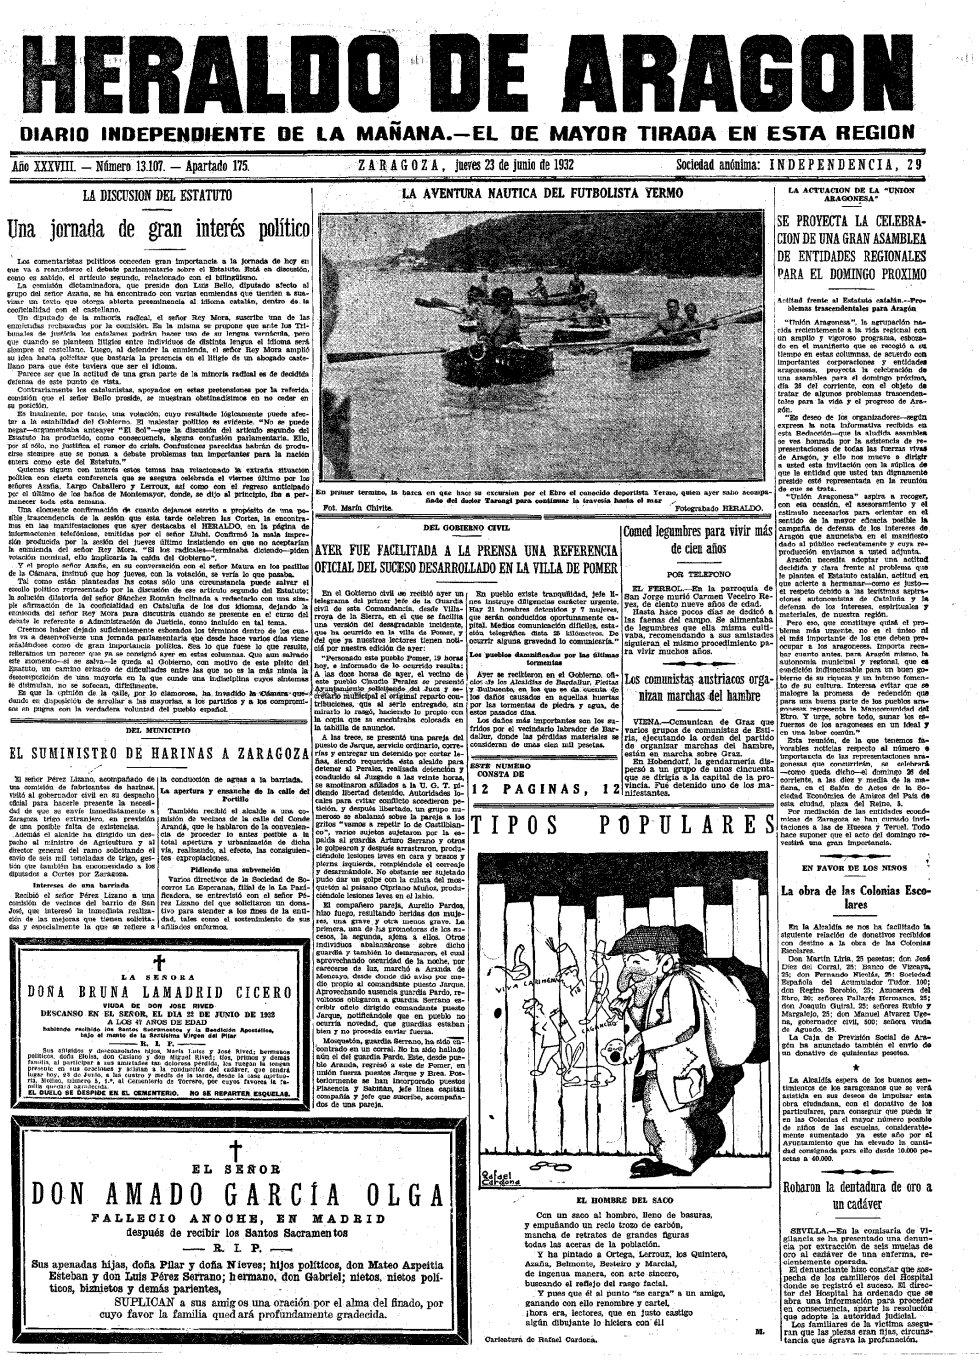 Periódico HERALDO DE ARAGÓN. Fecha: 23 de junio de 1932. Portada. Enlace: www.heraldo.es